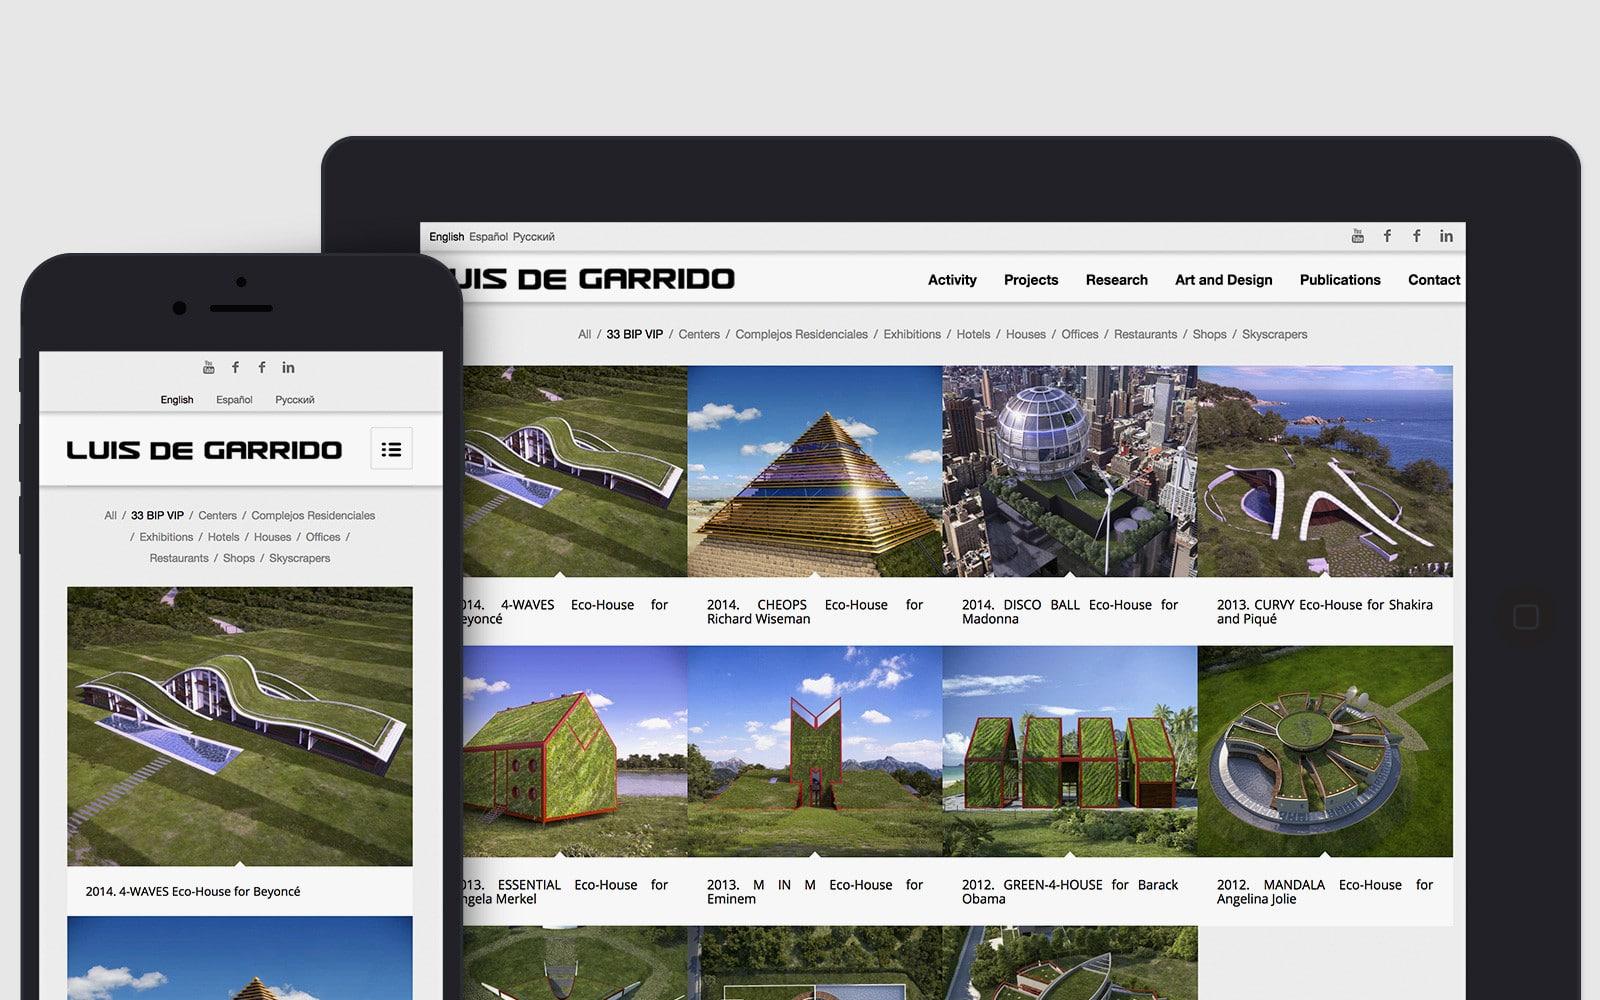 Diseno Web responsive para el Arquitecto Luis de Garrido